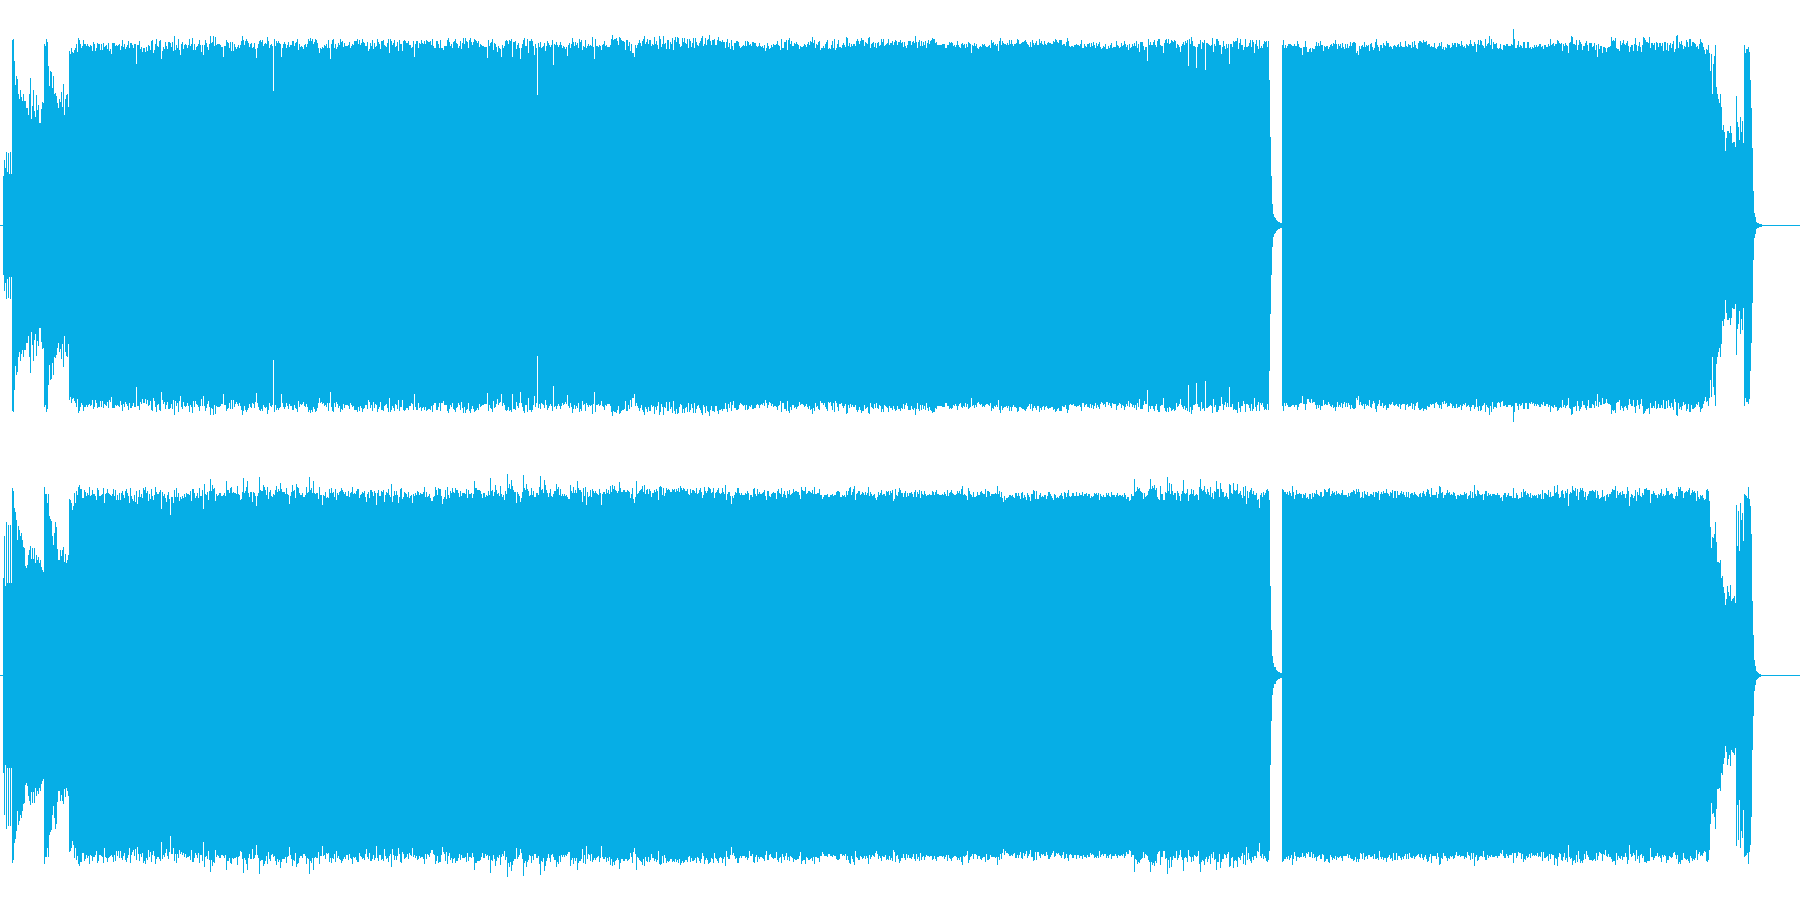 闘志あふれるスピード感のあるヘビメタの再生済みの波形